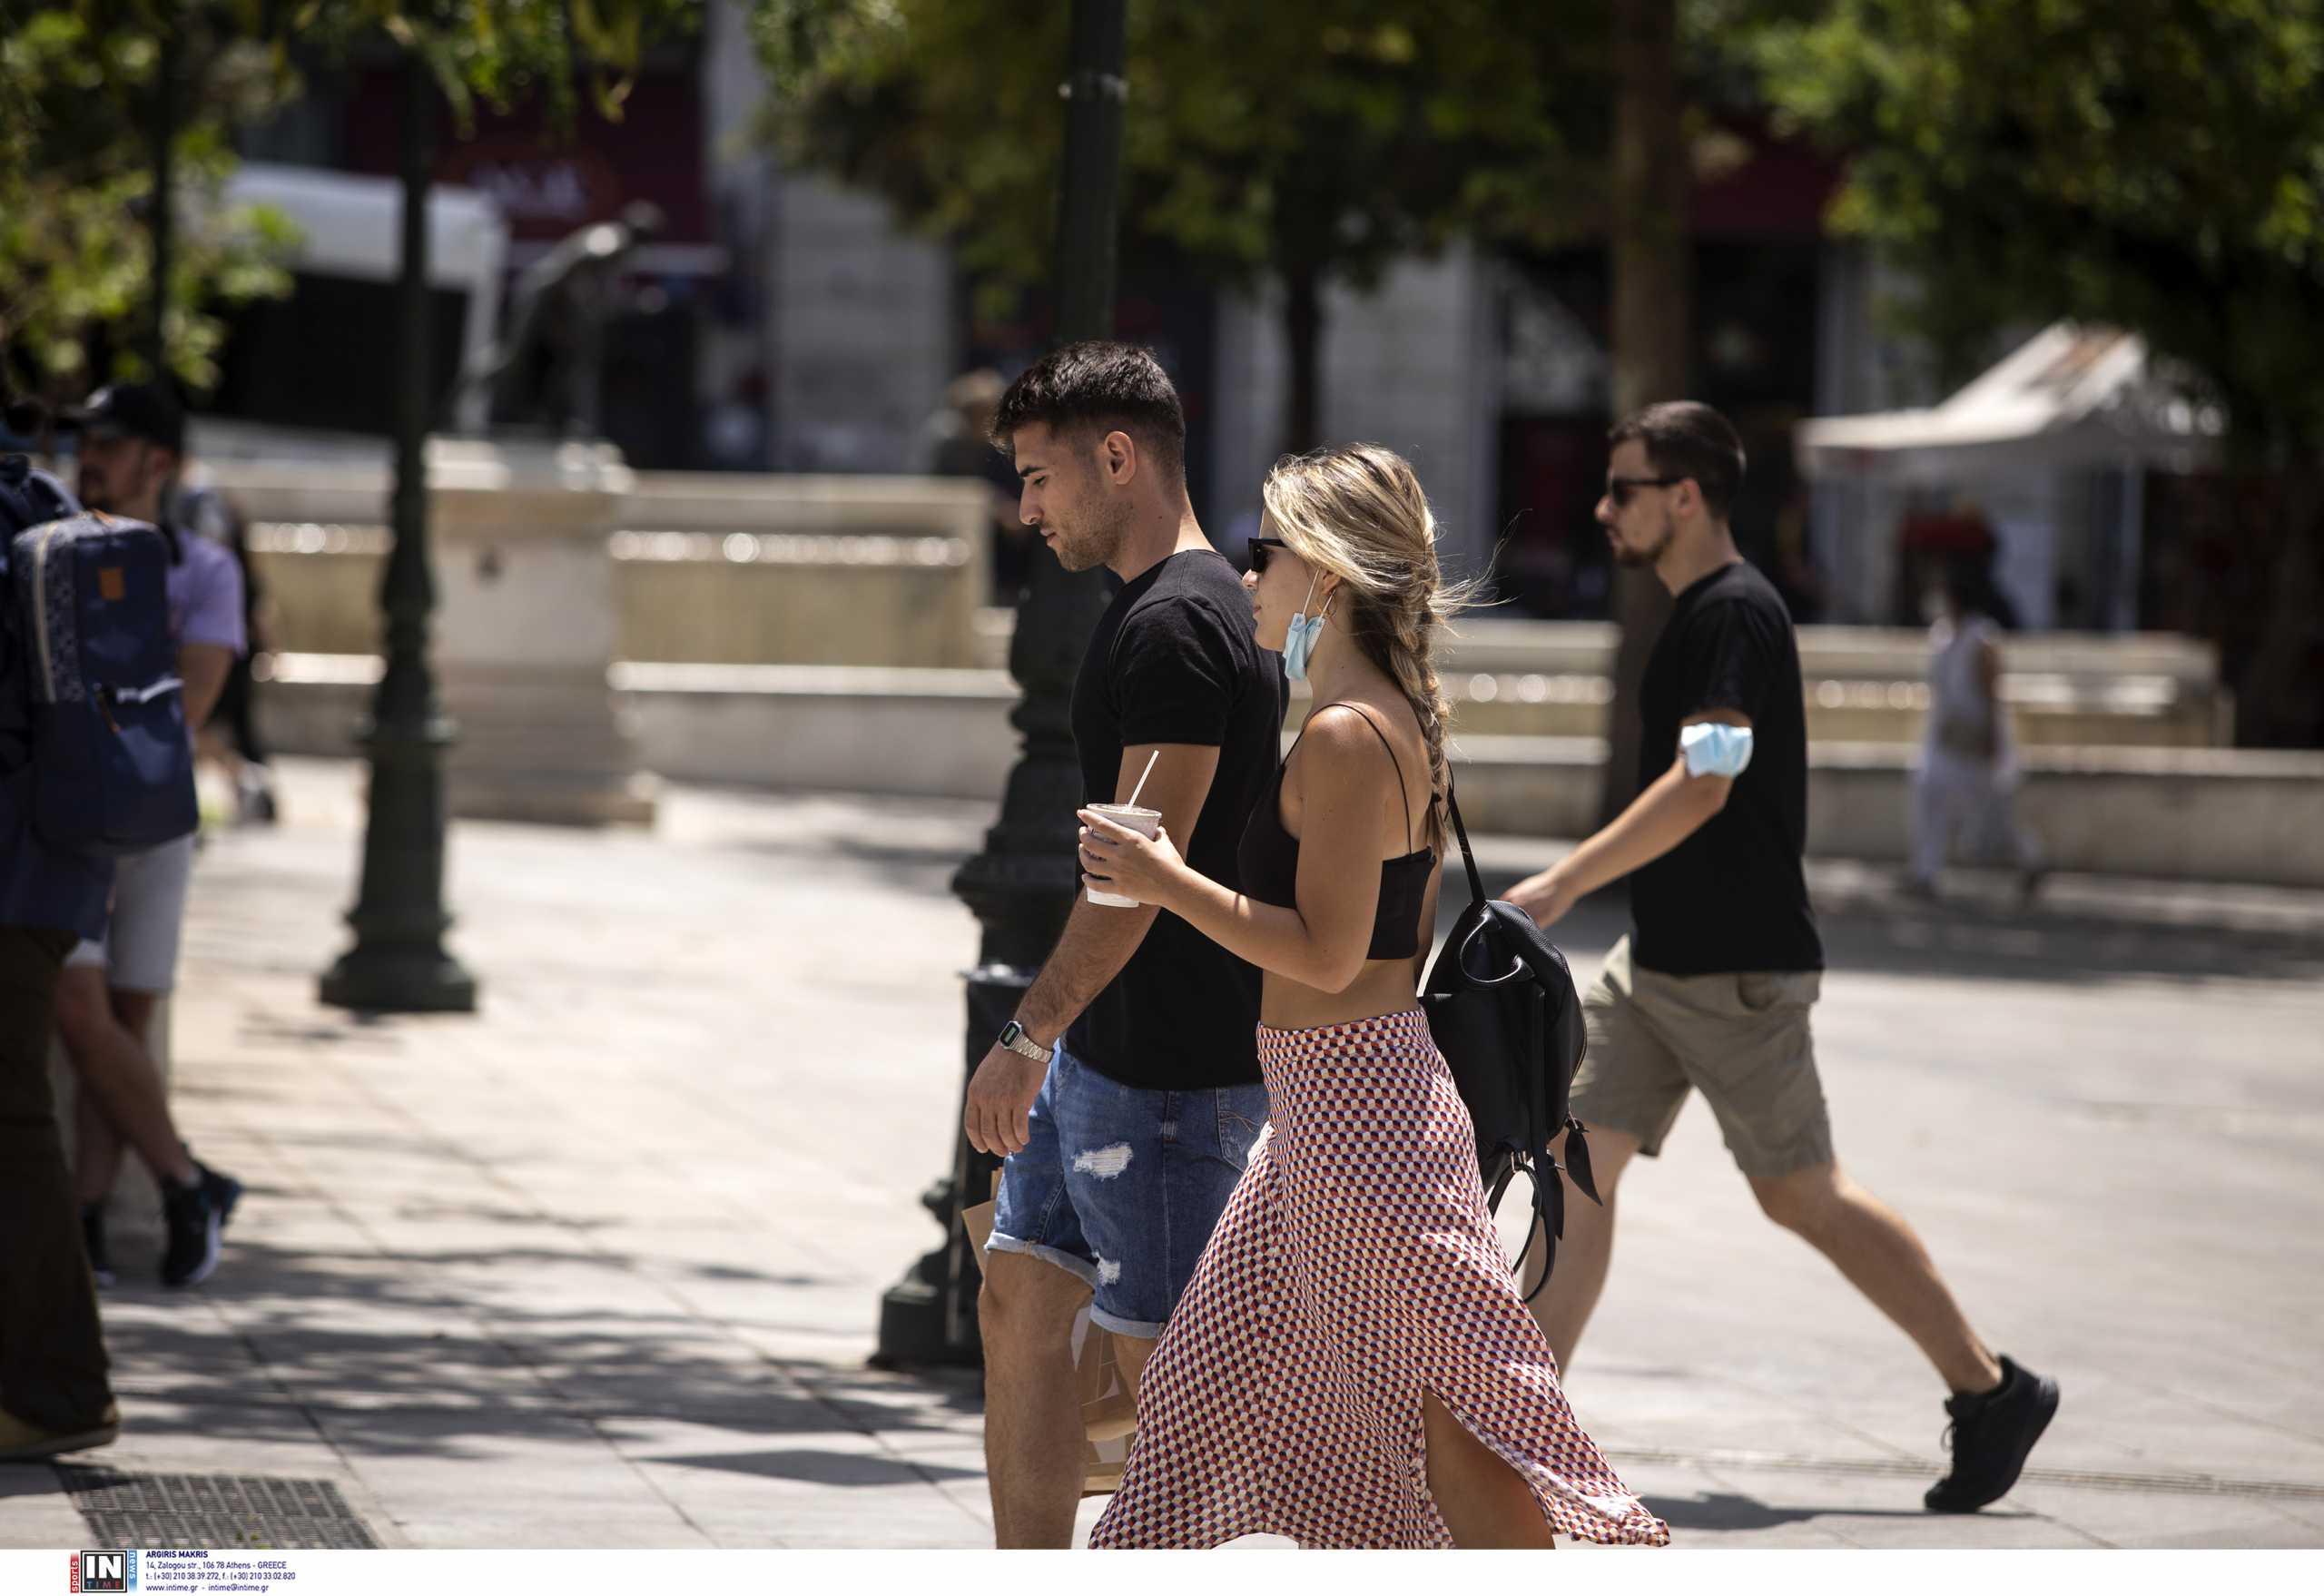 Κορονοϊός: Εξαπλώνεται σε ολόκληρη τη χώρα – Πάνω από 40 περιοχές με διψήφιο αριθμό κρουσμάτων